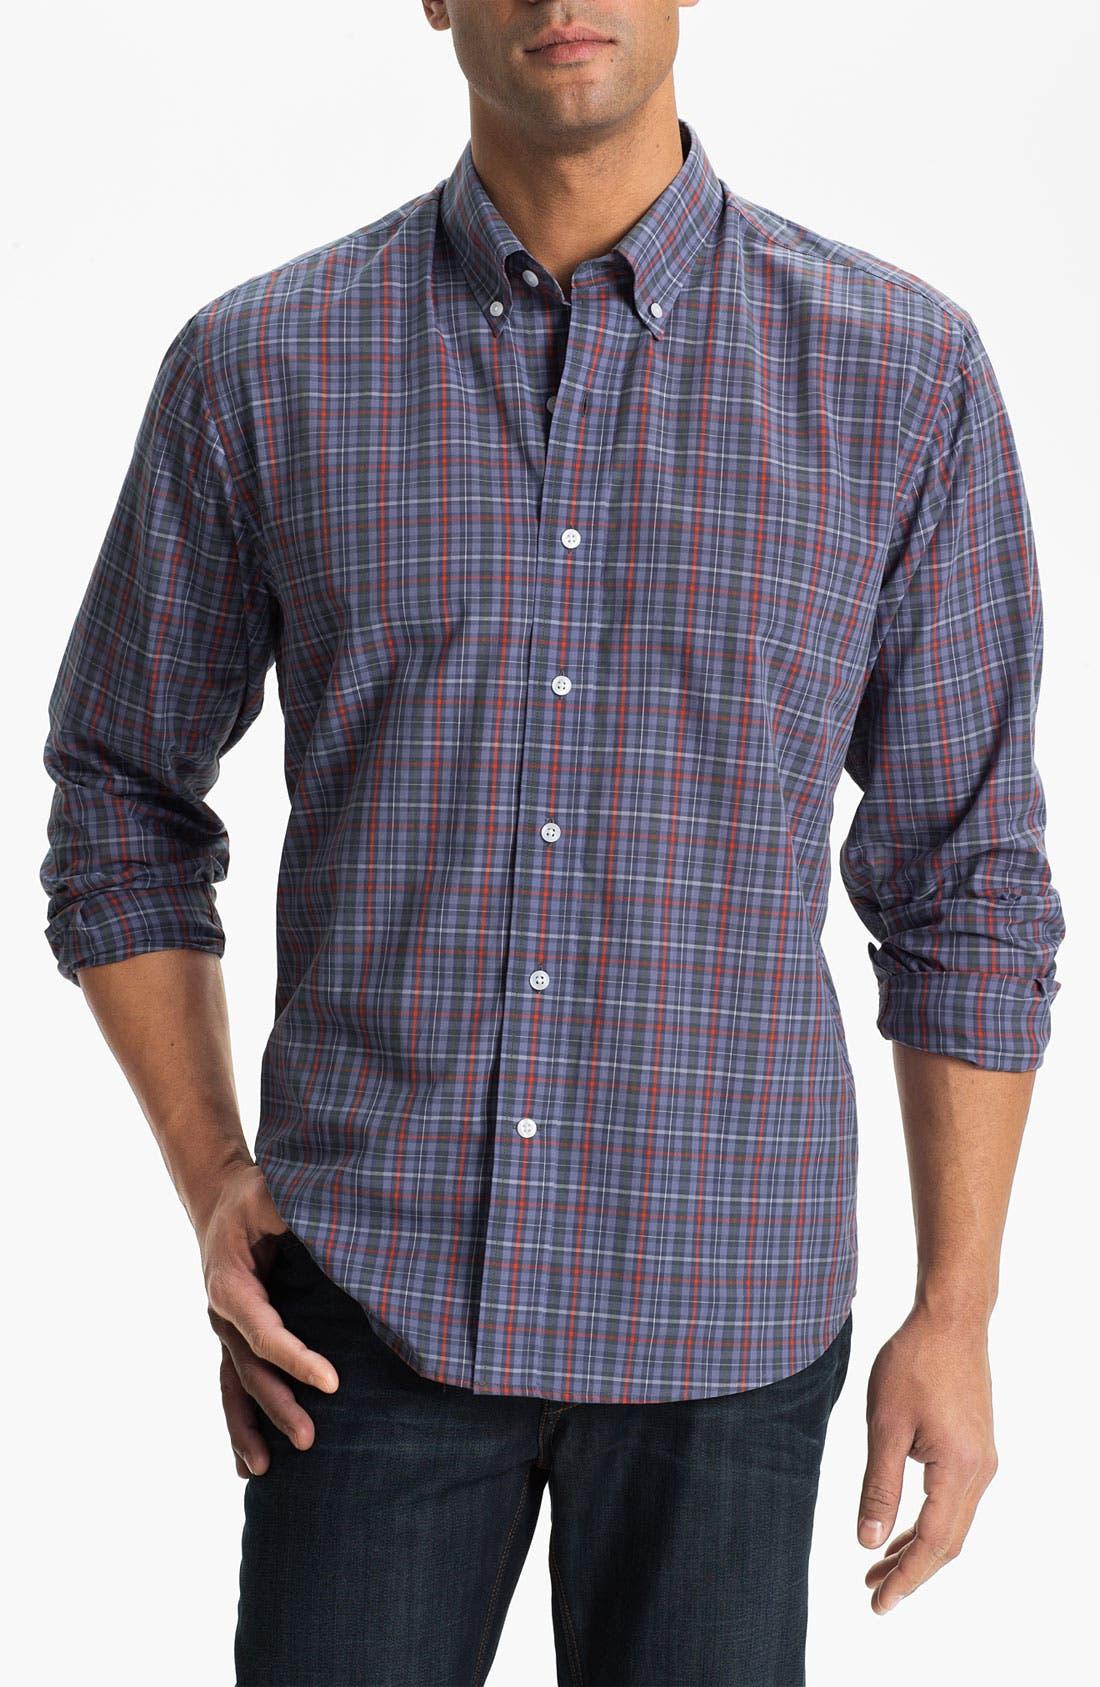 Alternate Image 1 Selected - Cutter & Buck 'Kent Plaid' Regular Fit Sport Shirt (Big & Tall)